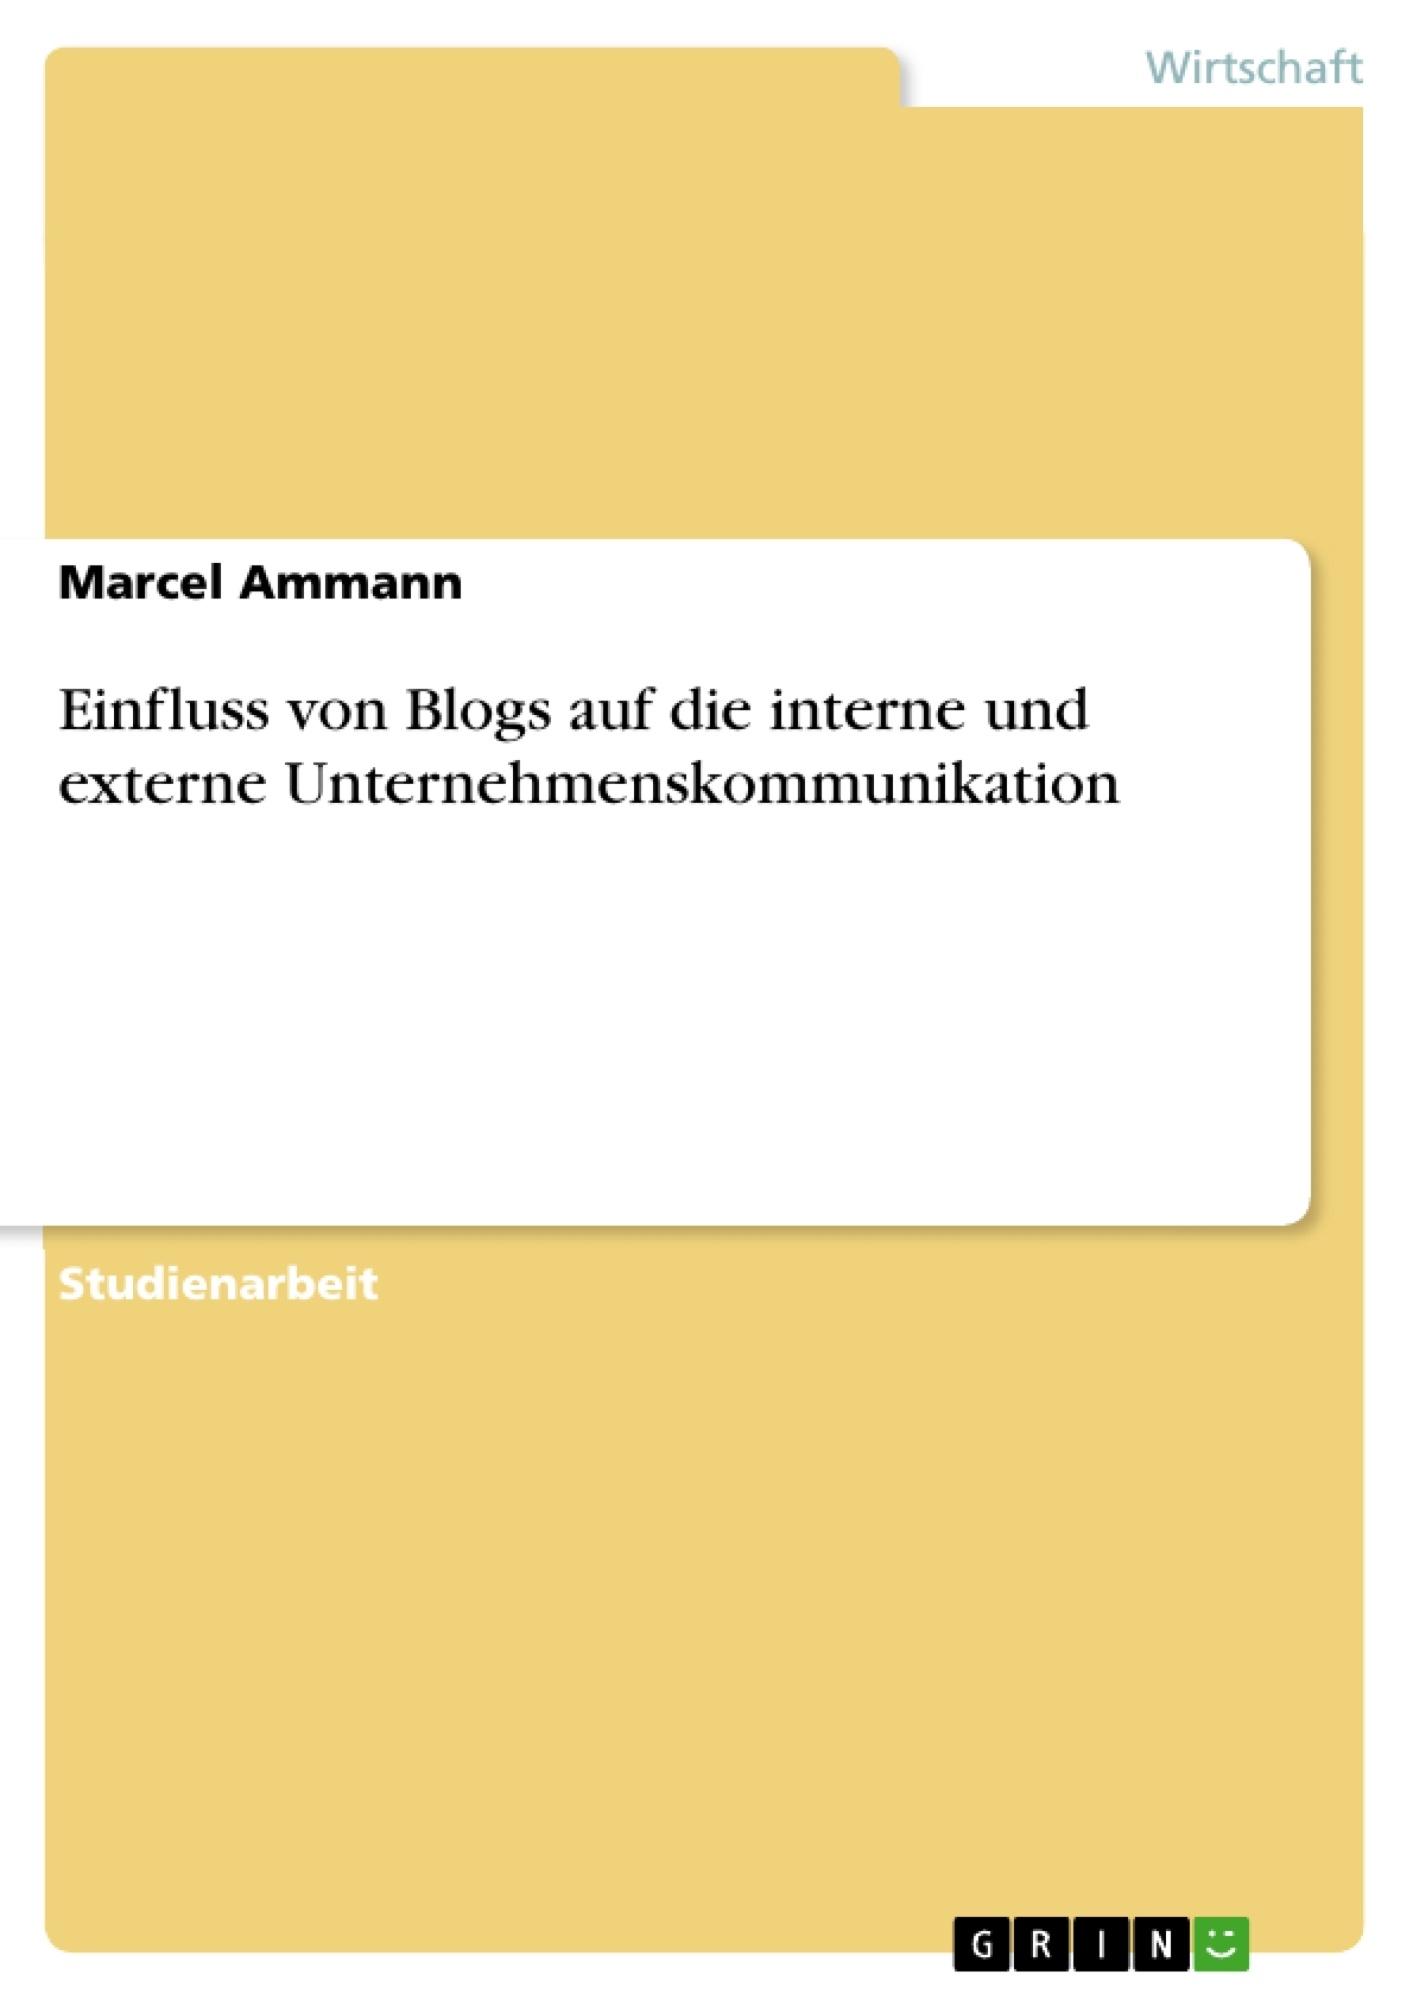 Titel: Einfluss von Blogs auf die interne und externe Unternehmenskommunikation